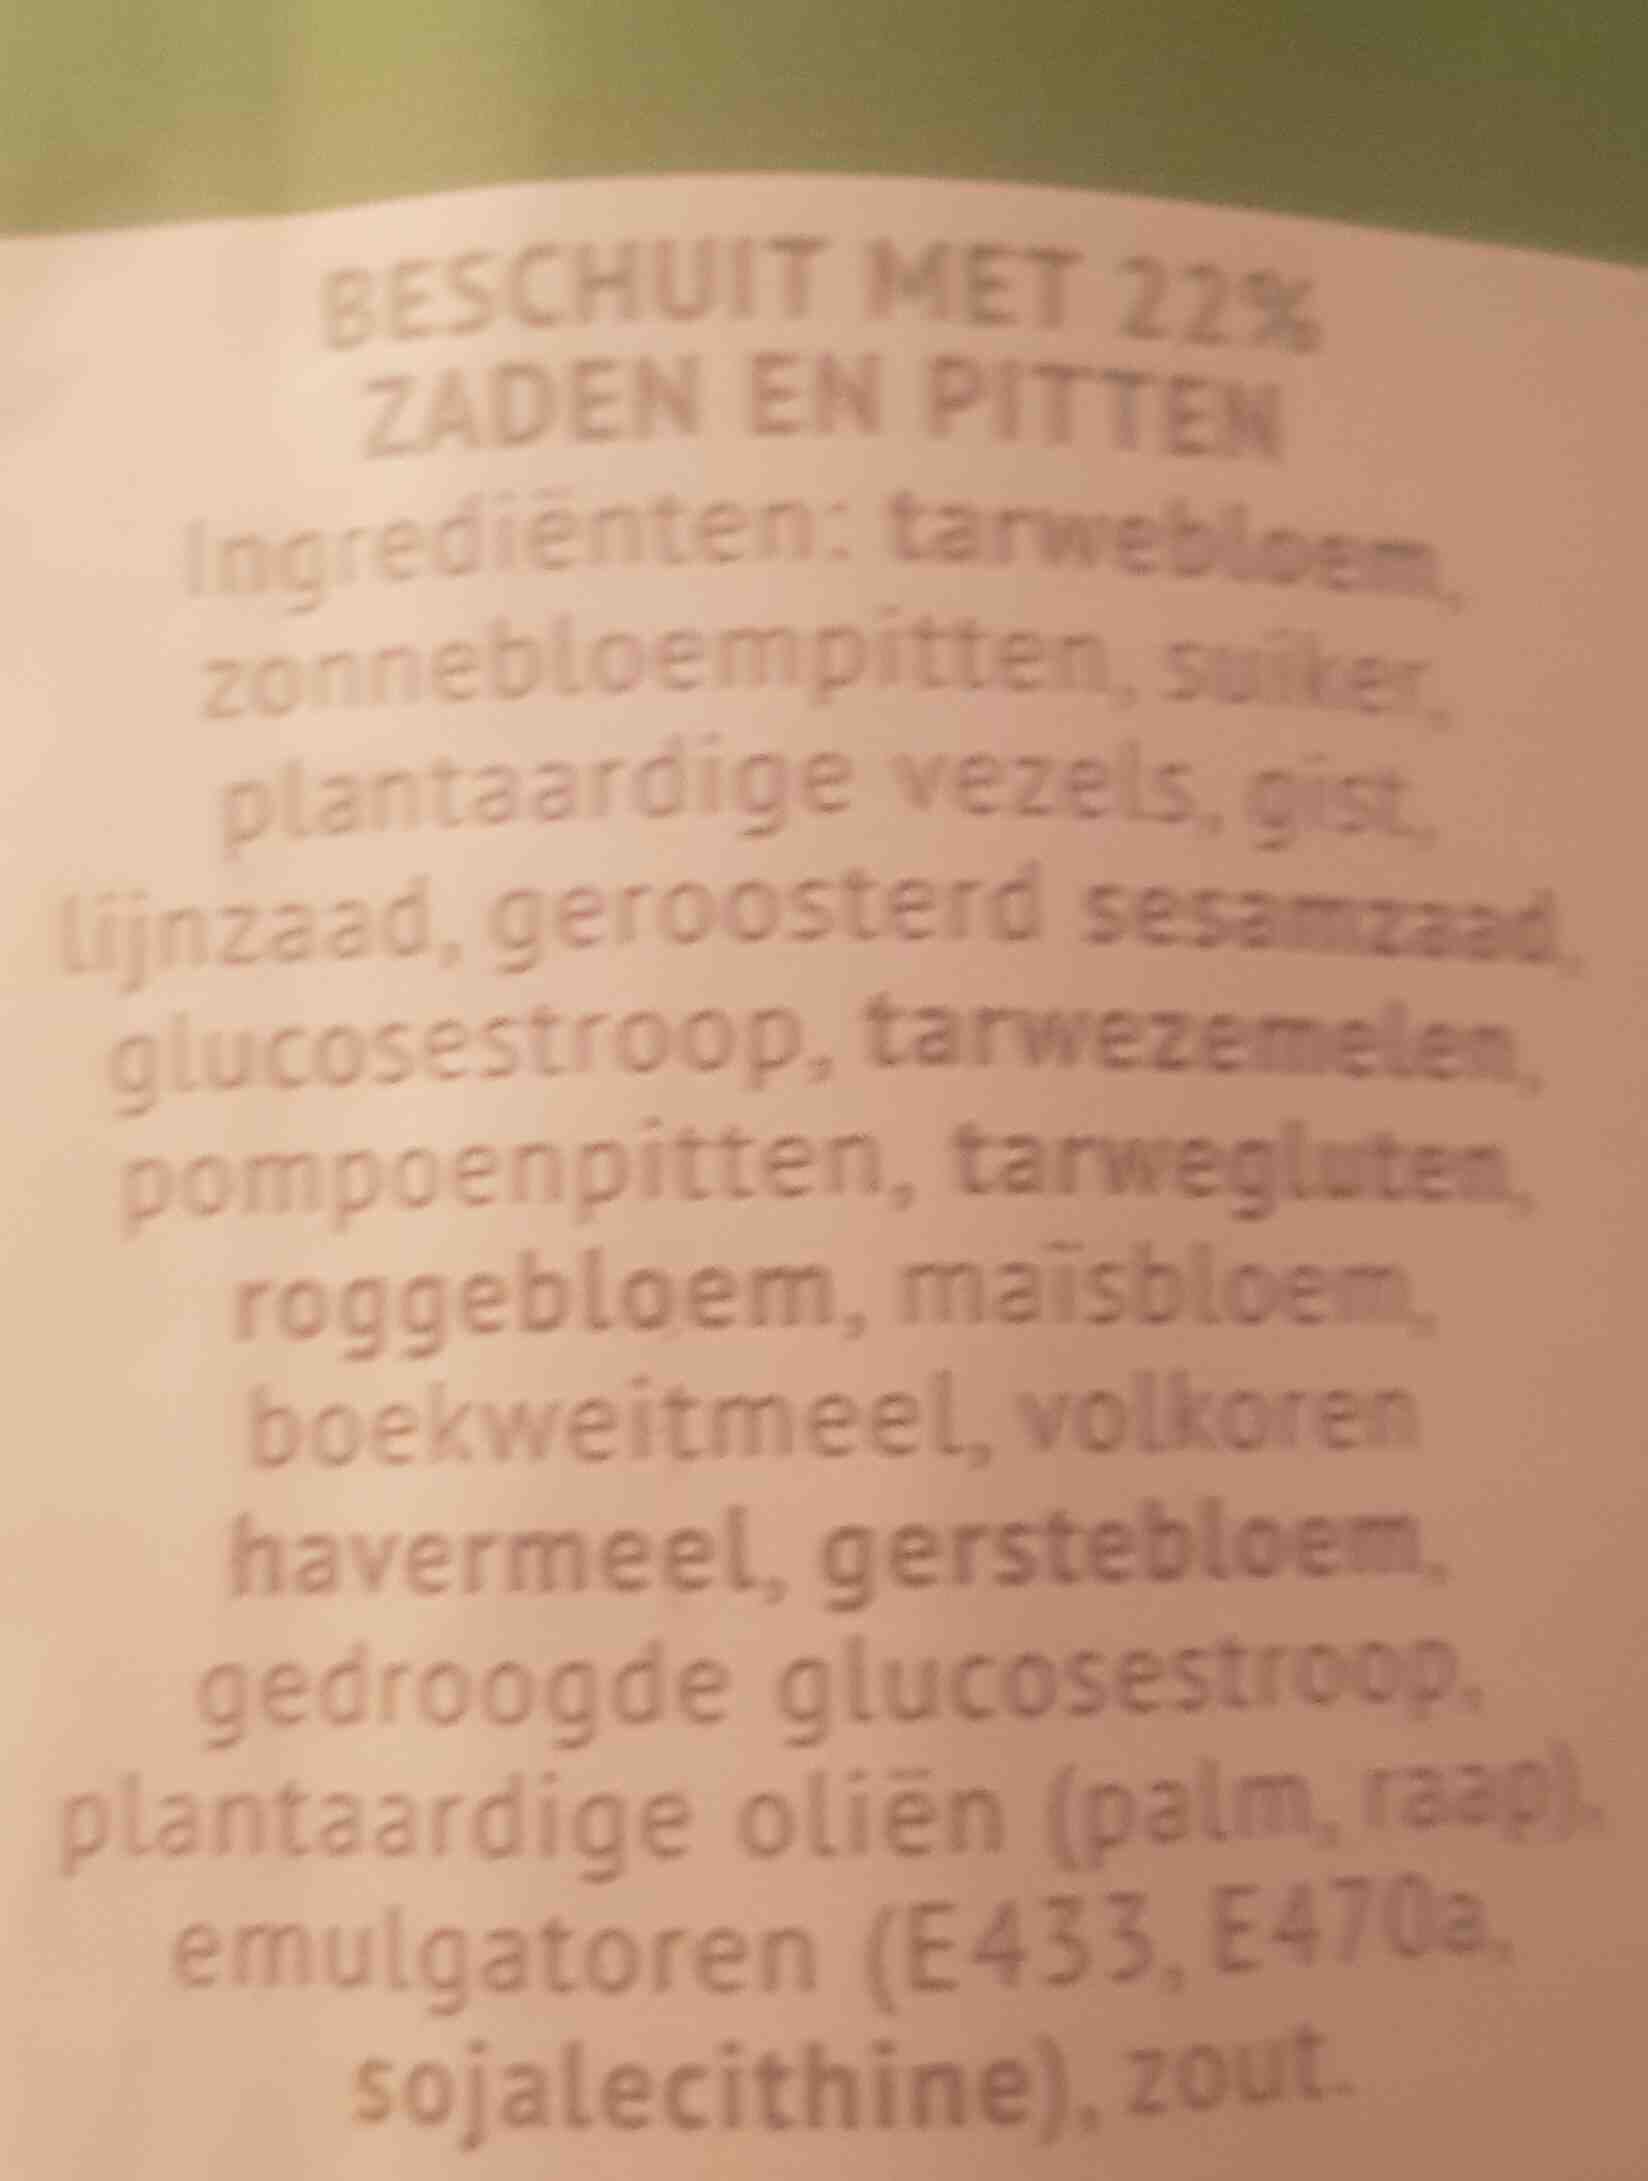 Vezelrijk beschuit - Ingrediënten - nl